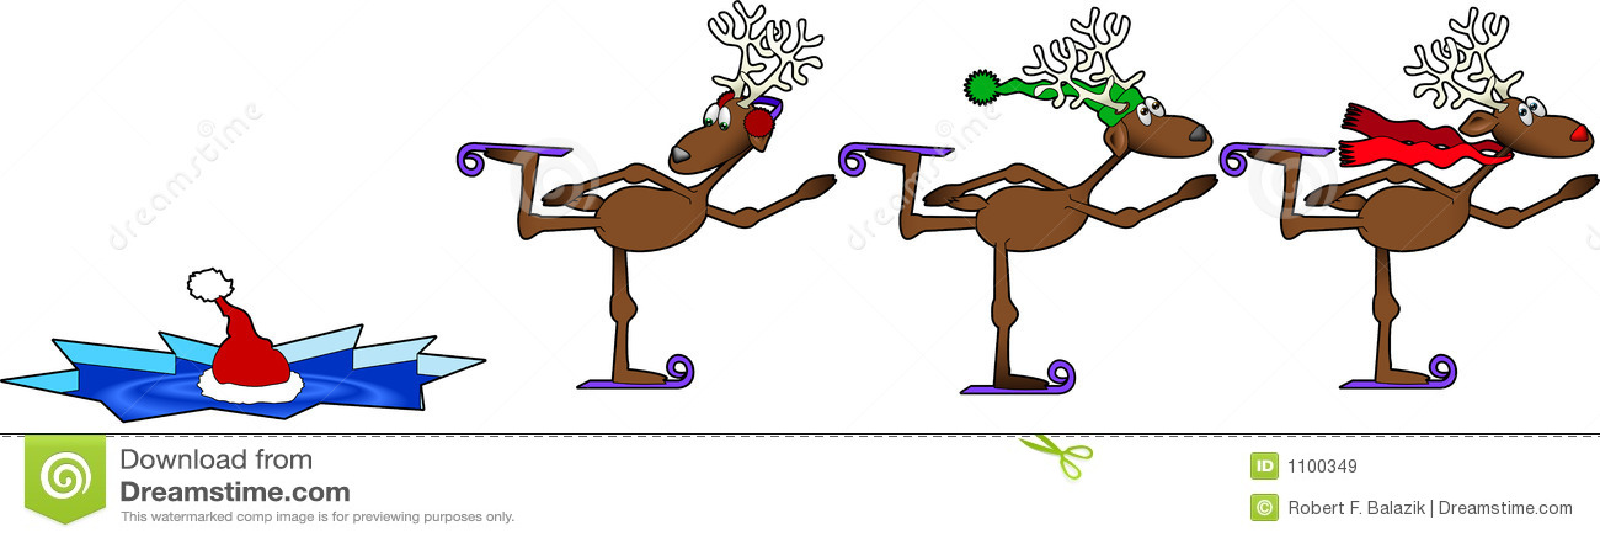 Skating_reindeer